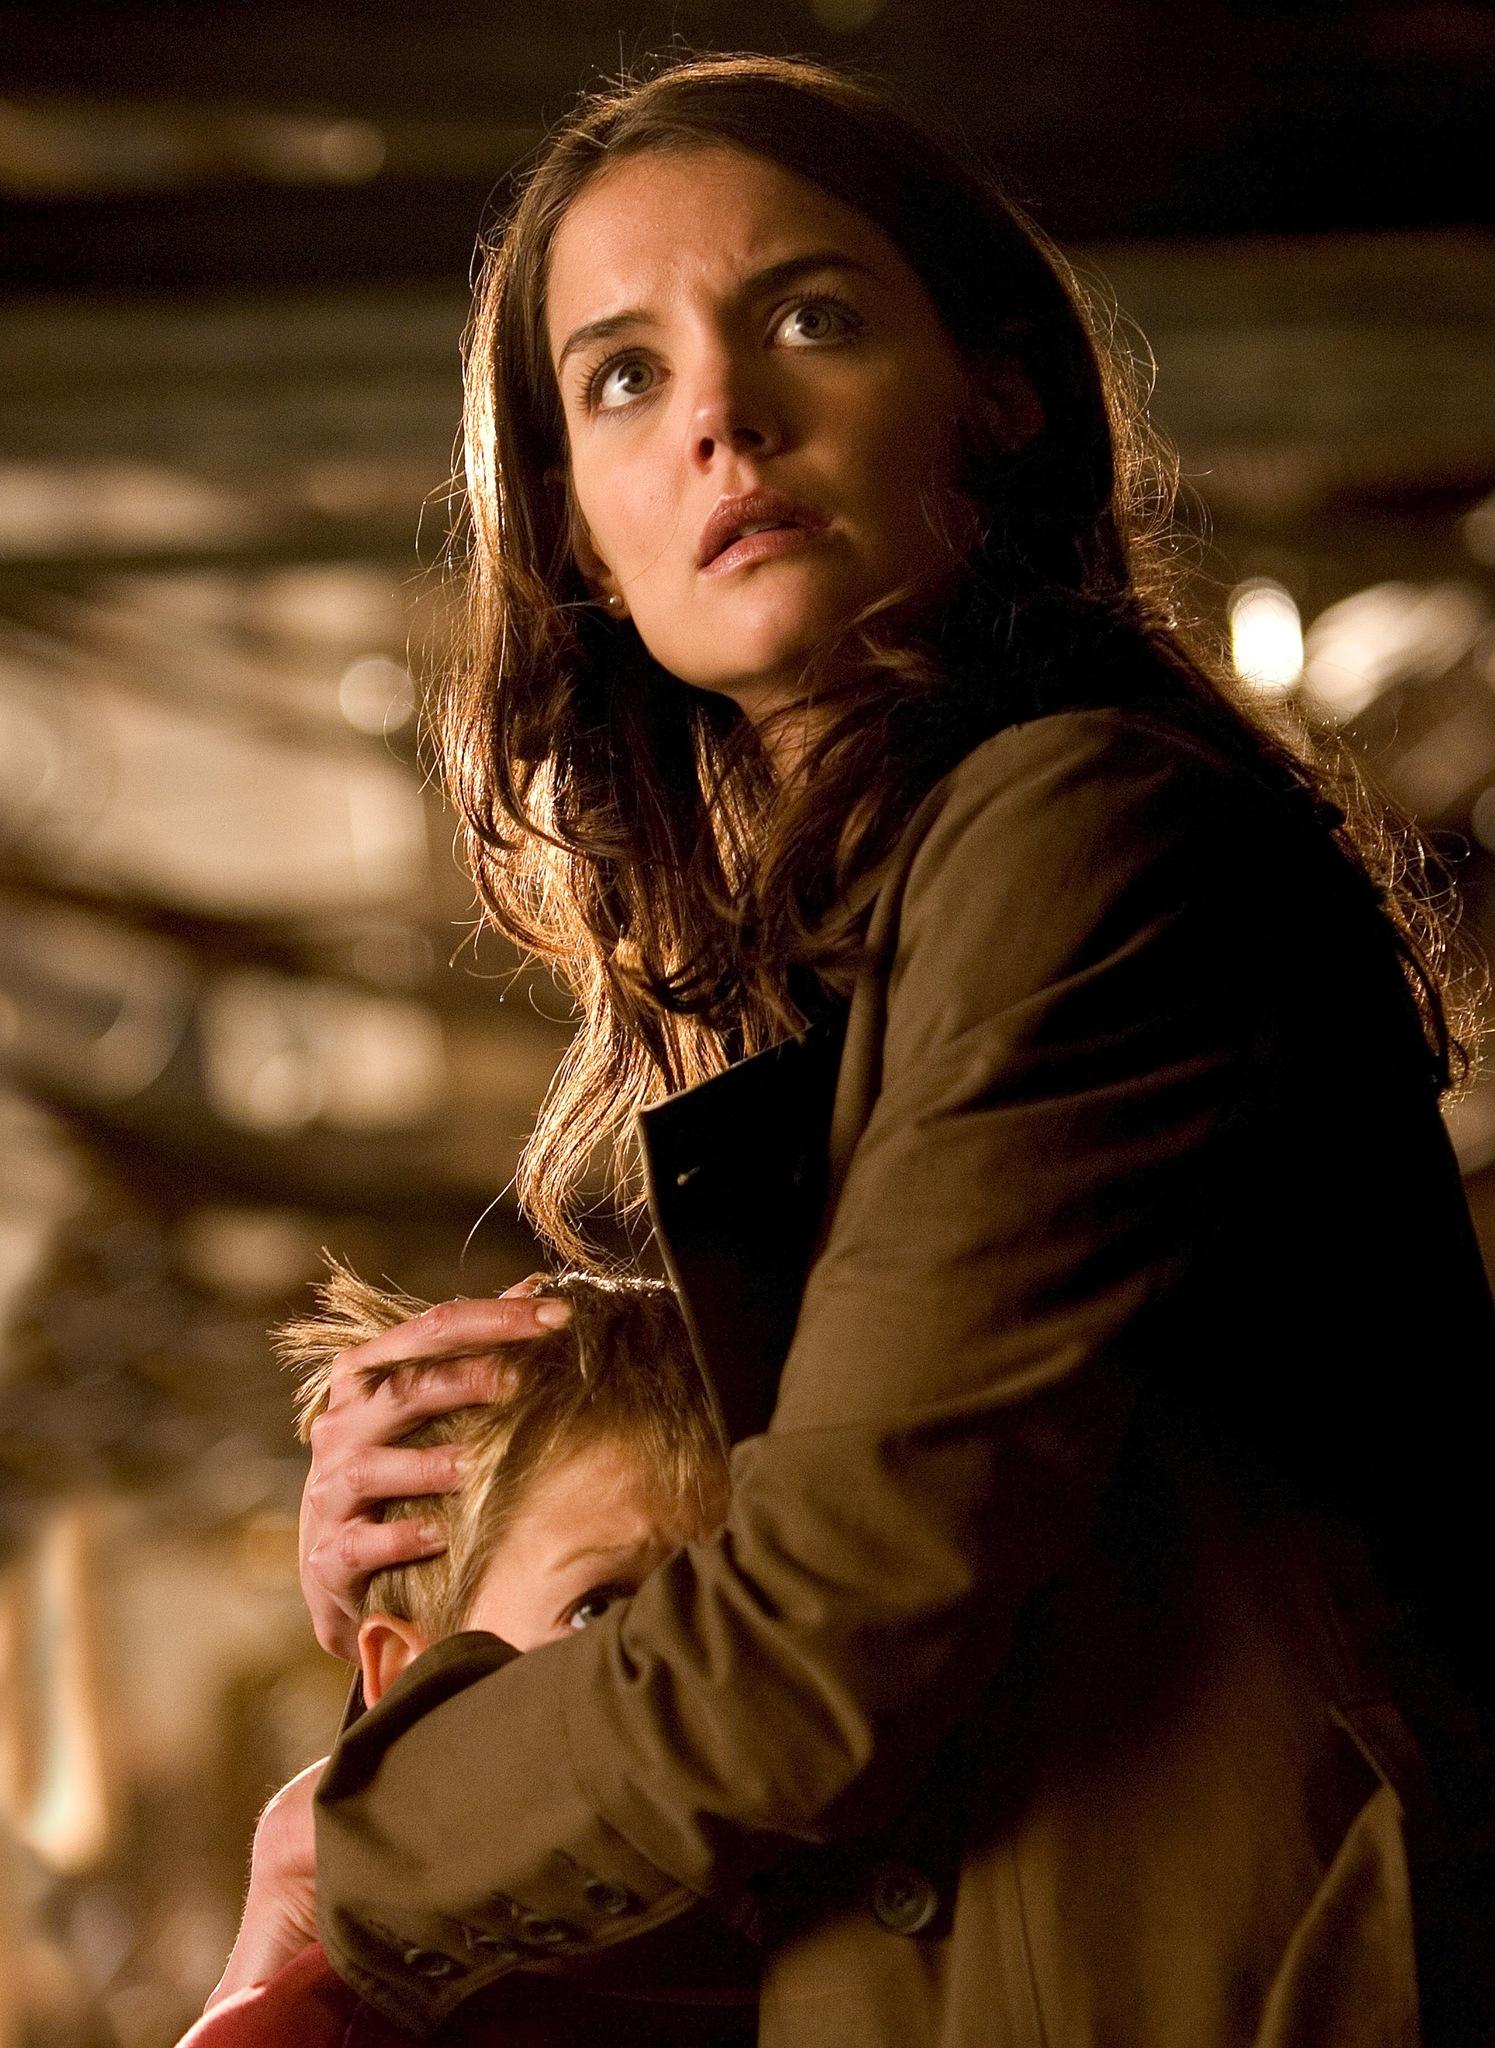 Katie Holmes and Jack Gleeson in Batman Begins (2005)